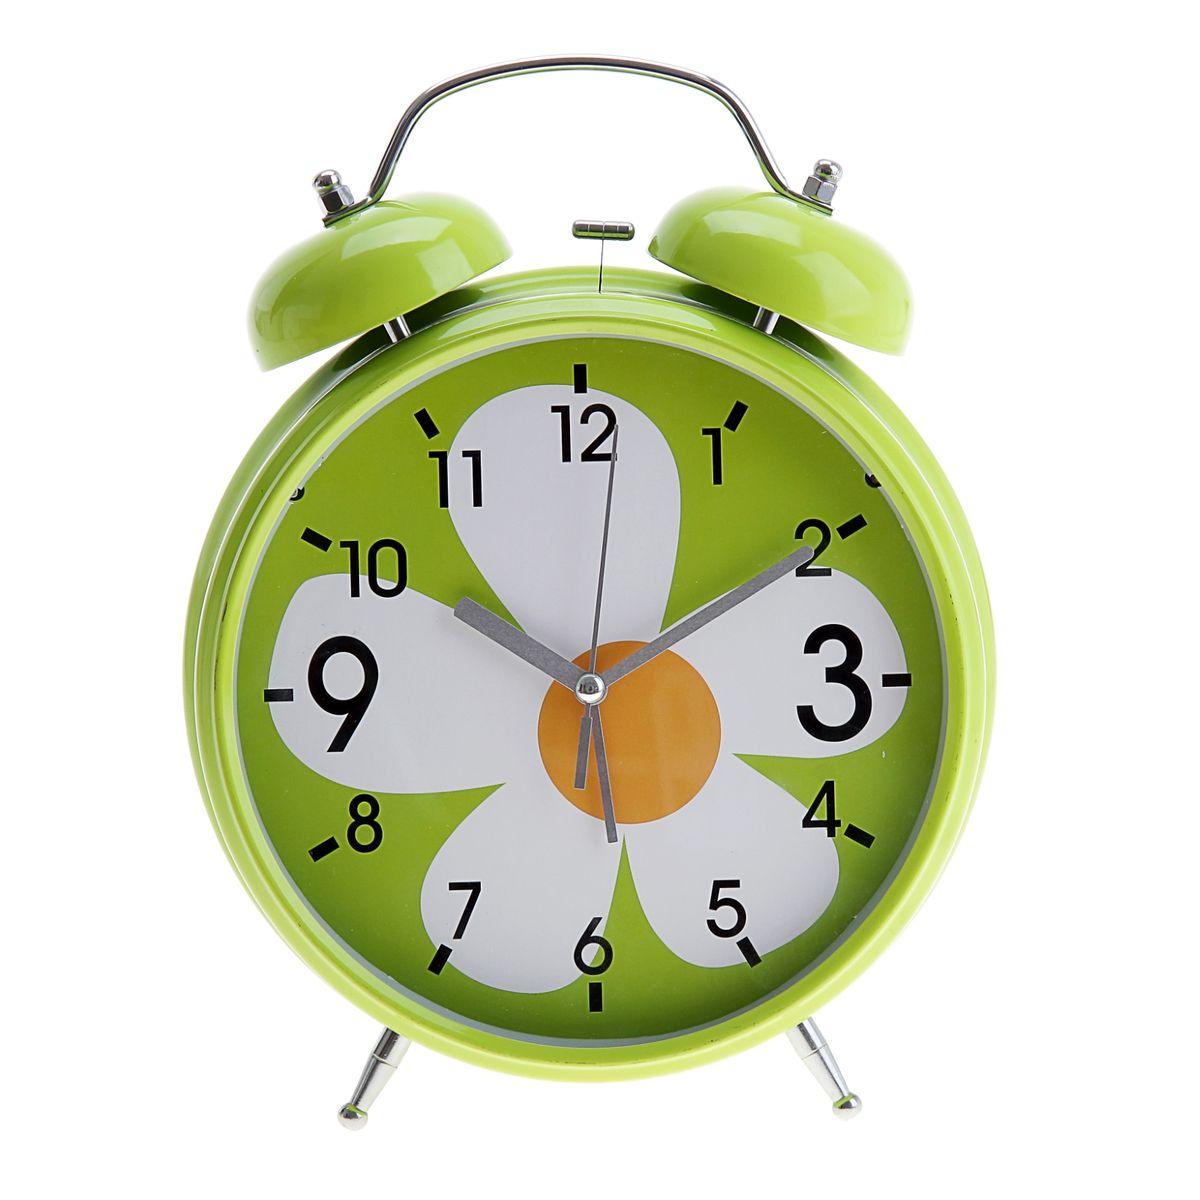 Часы-будильник Sima-land Ромашка, цвет: салатовый, белый, оранжевый, диаметр 20 см корзинка для мелочей sima land цвет оранжевый диаметр 15 см